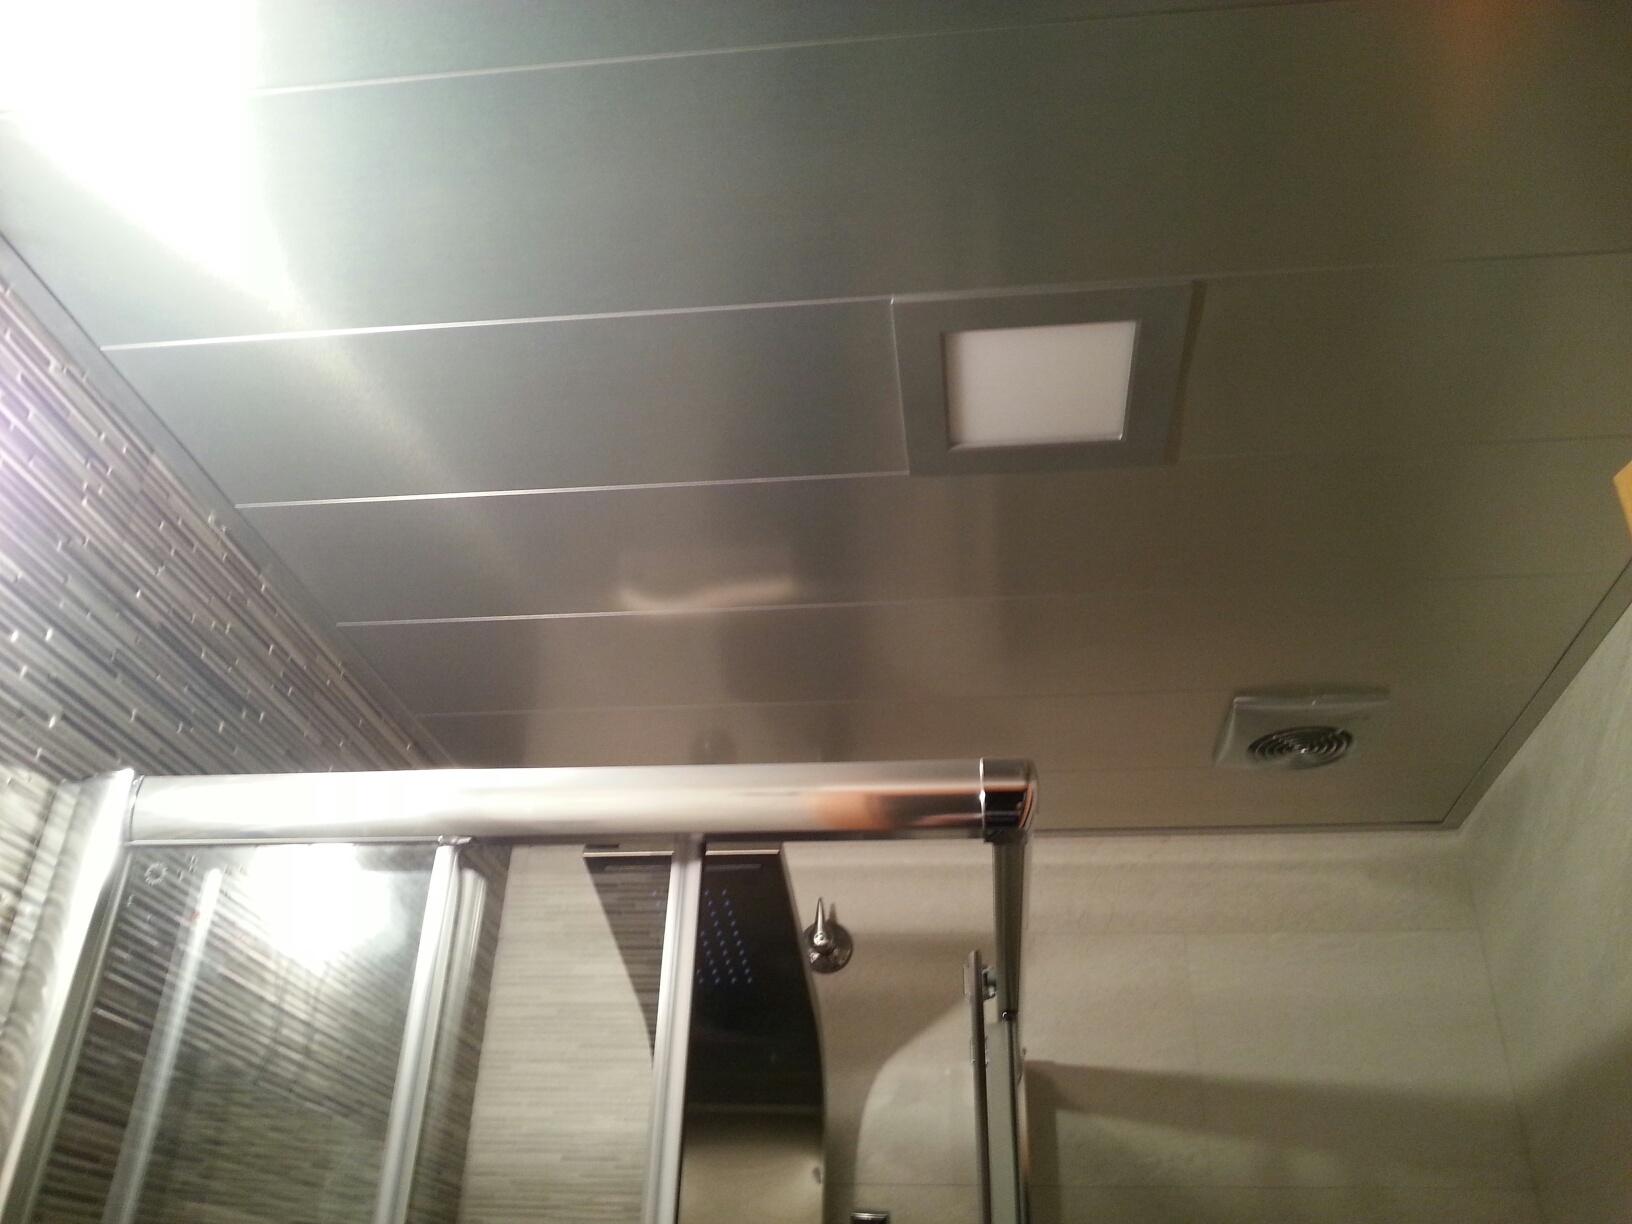 Fabricaci n venta e instalaci n de techos de aluminio en for Materiales para toldos de aluminio